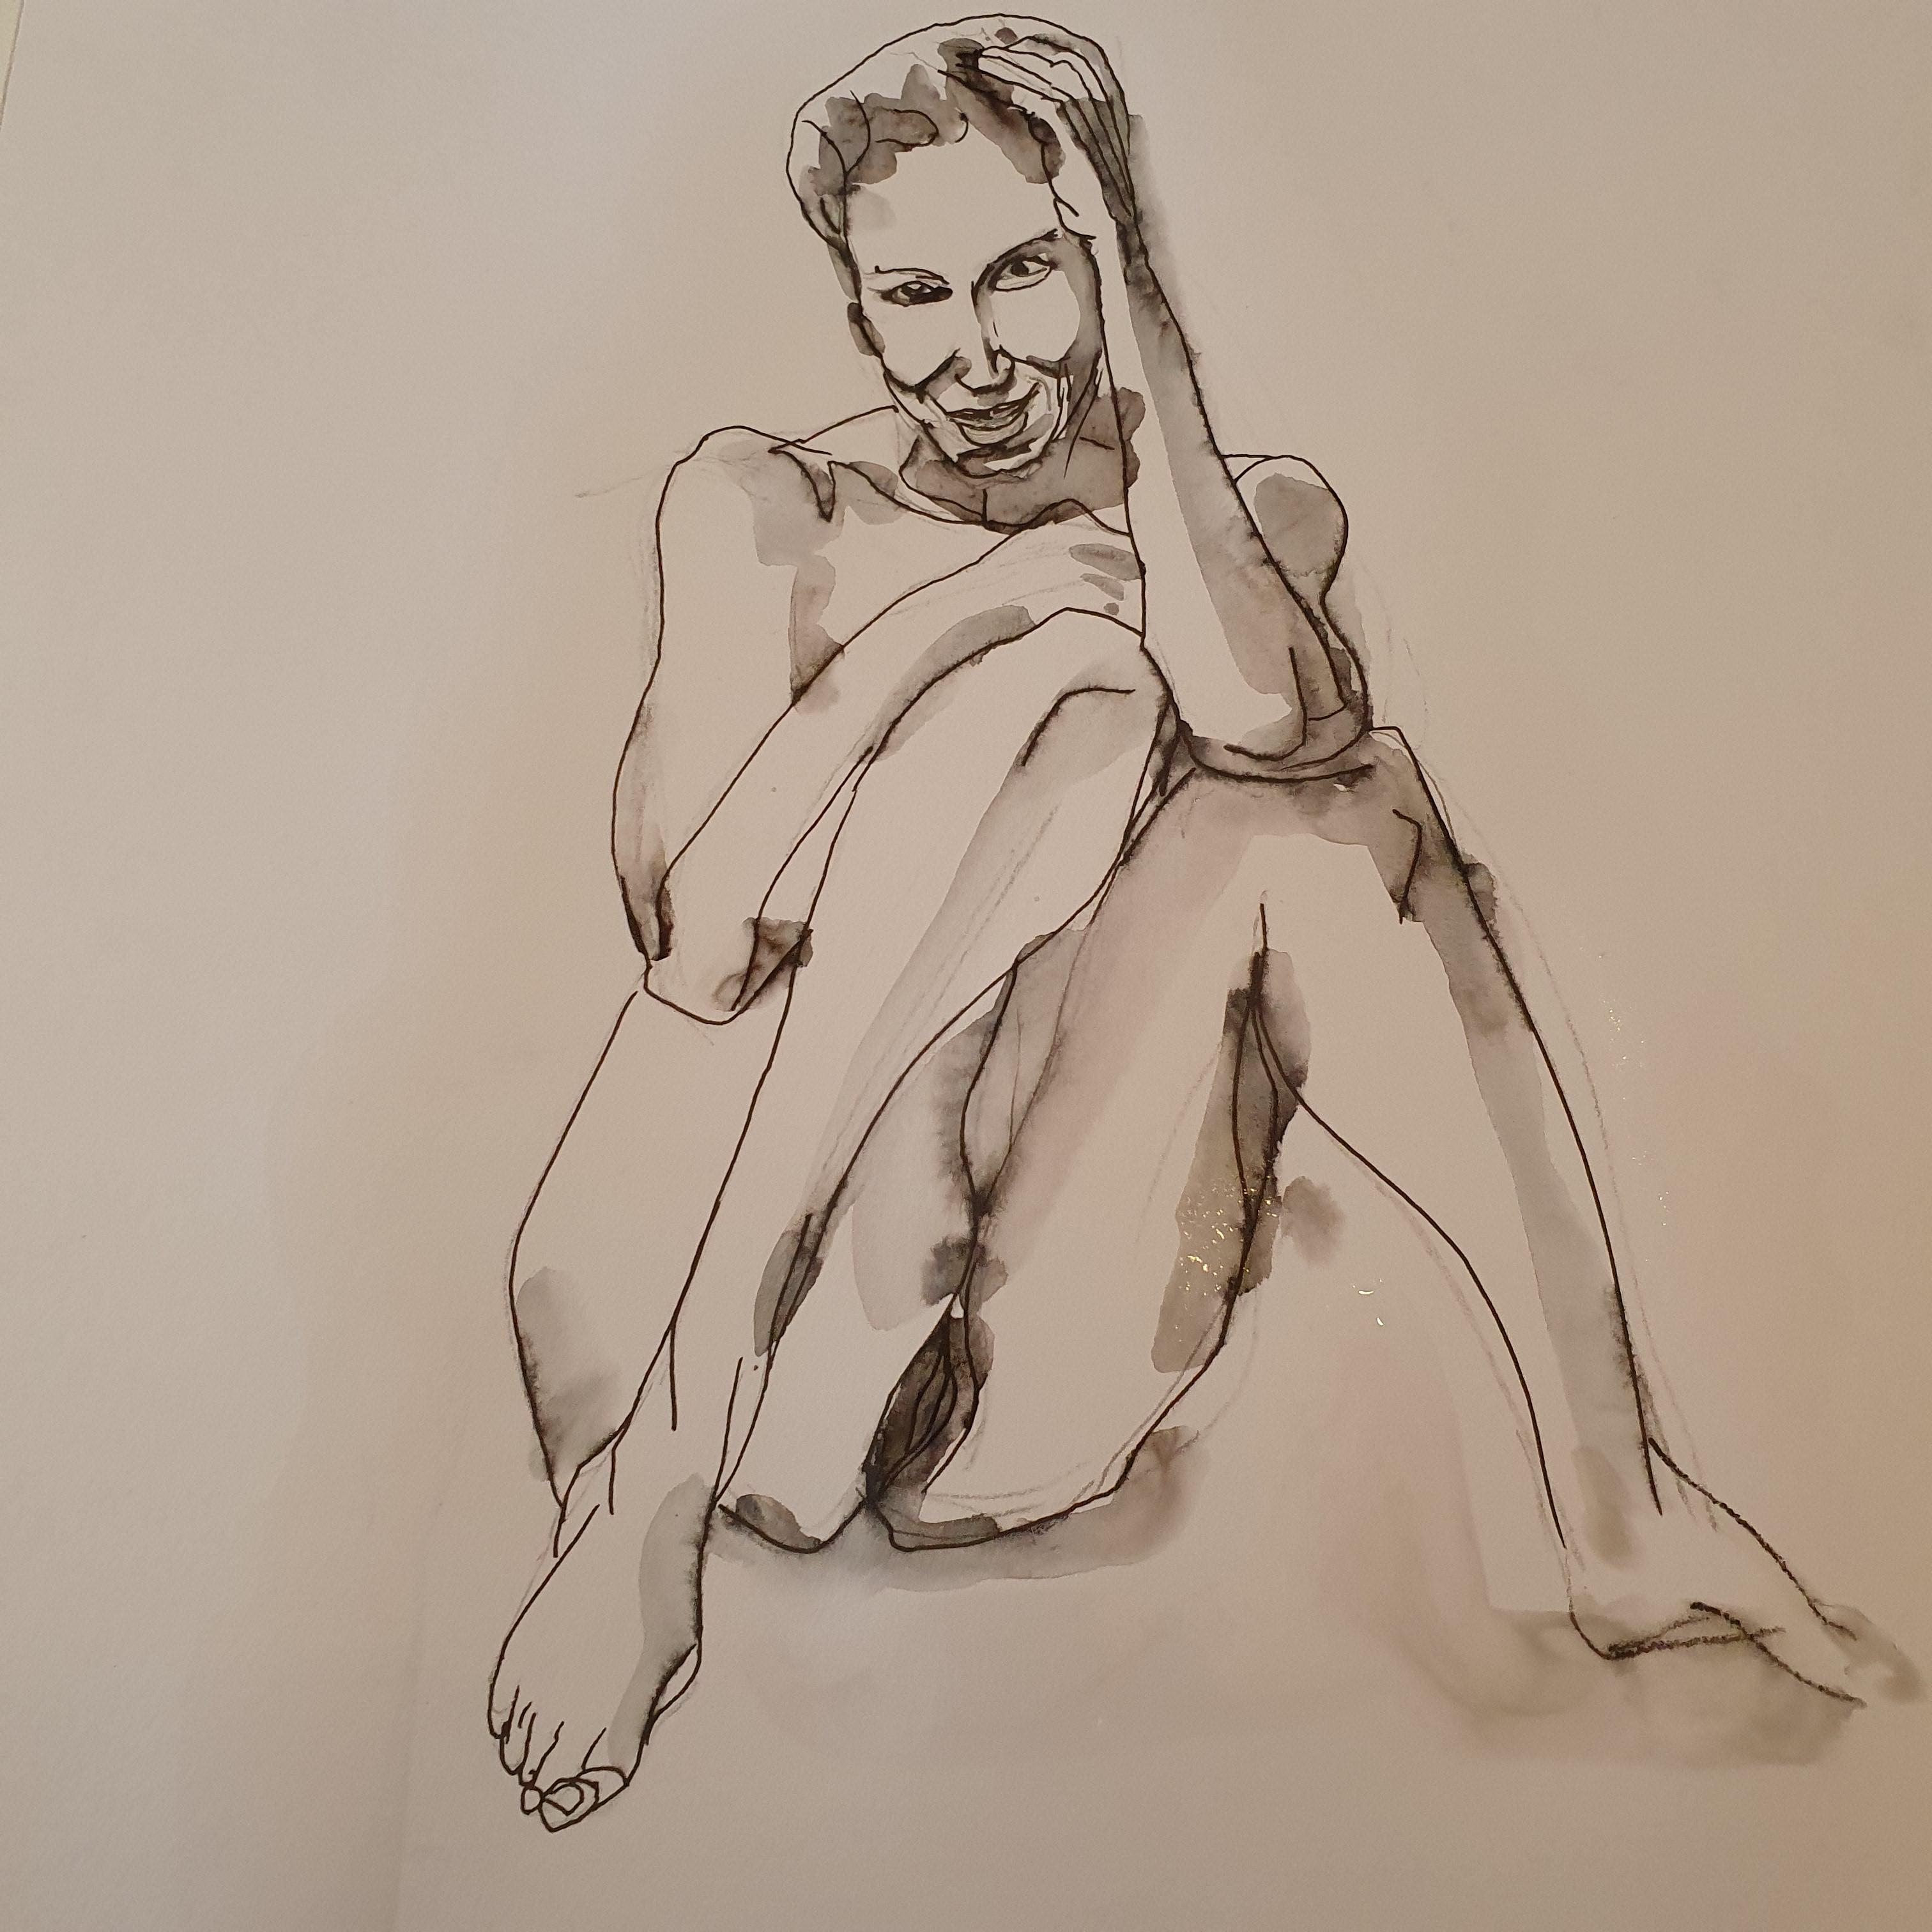 croquis femme assise trait aquarelliste   cours de dessin